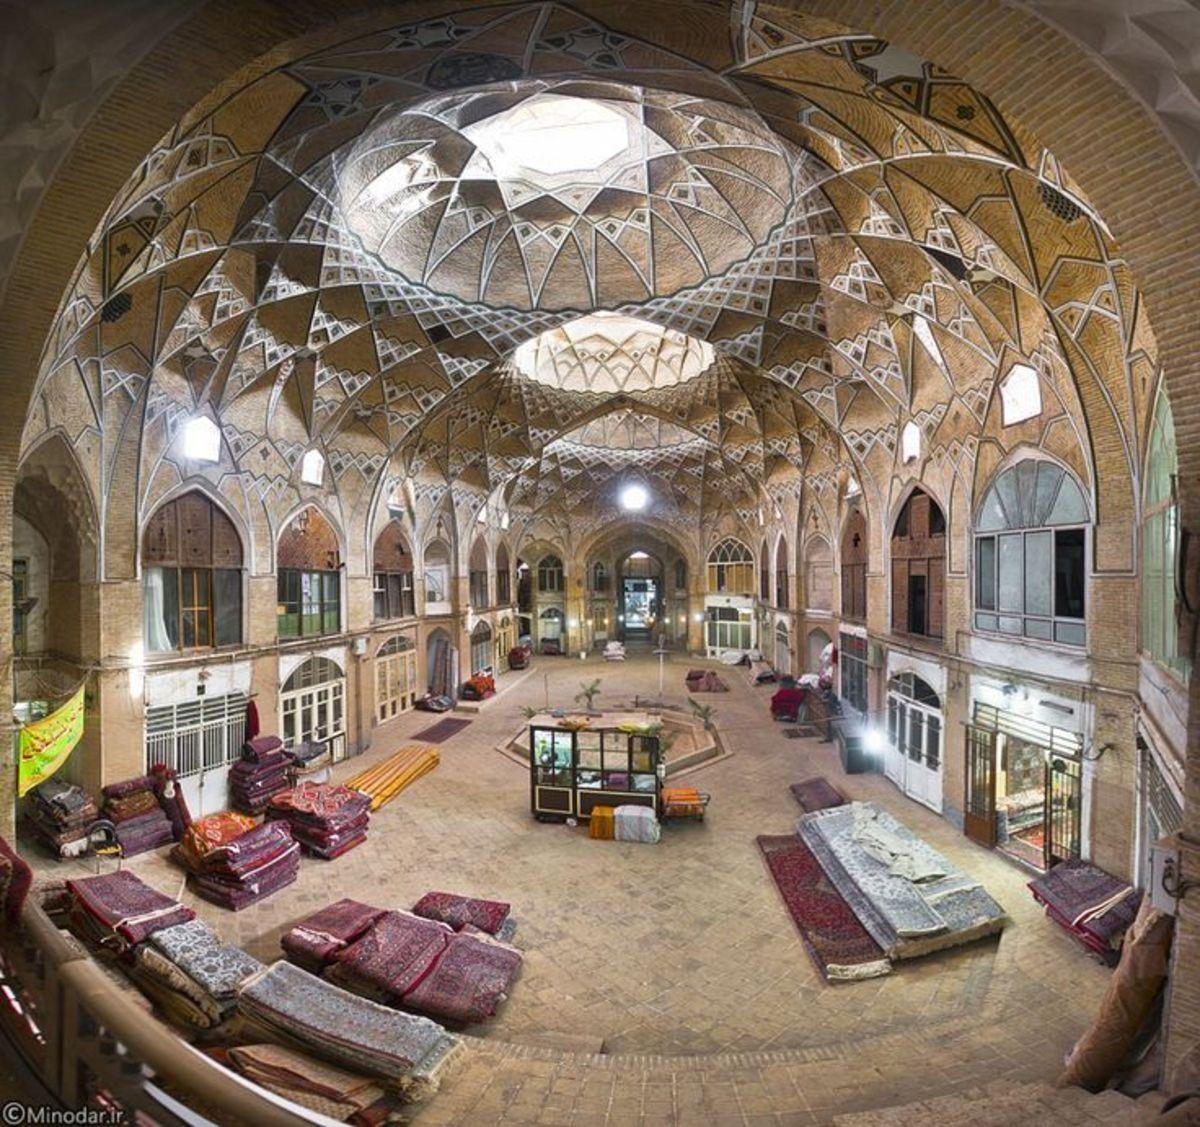 An Iranian Bazaar